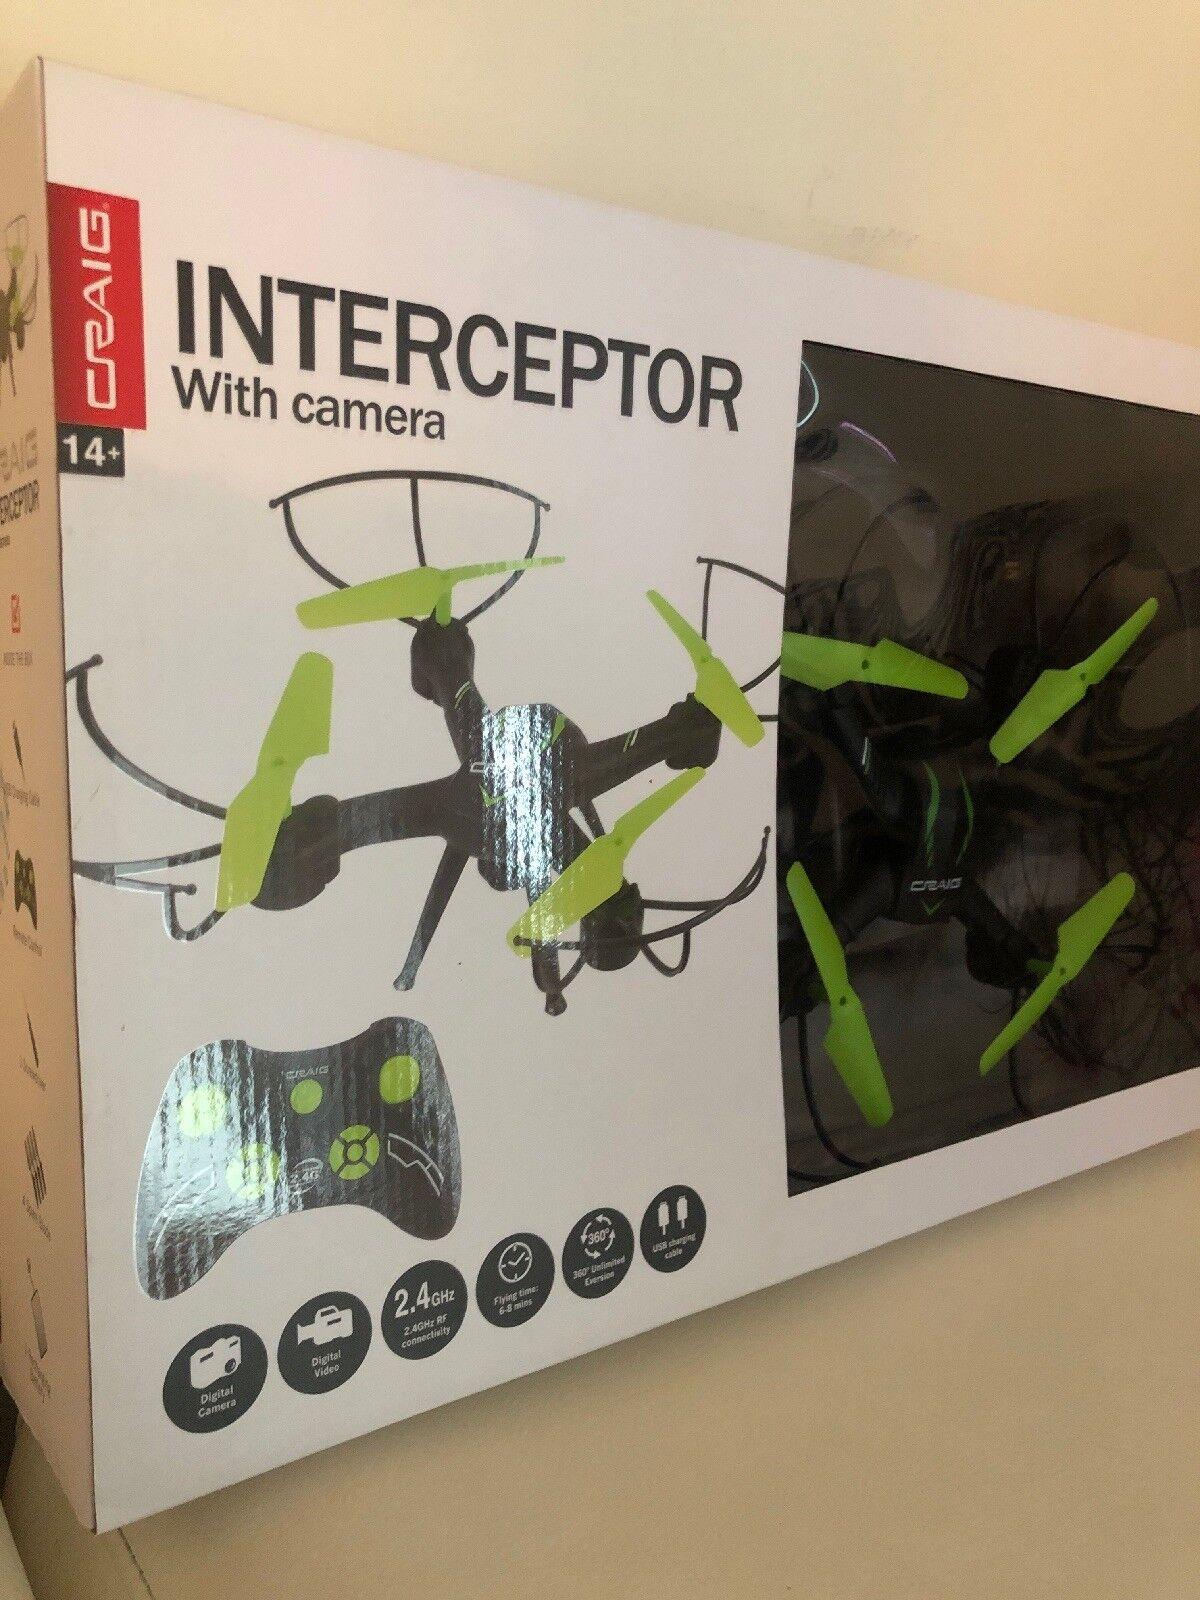 Craig  Interceptor  Drone DRONE con Cámara, justo a tiempo para Navidad